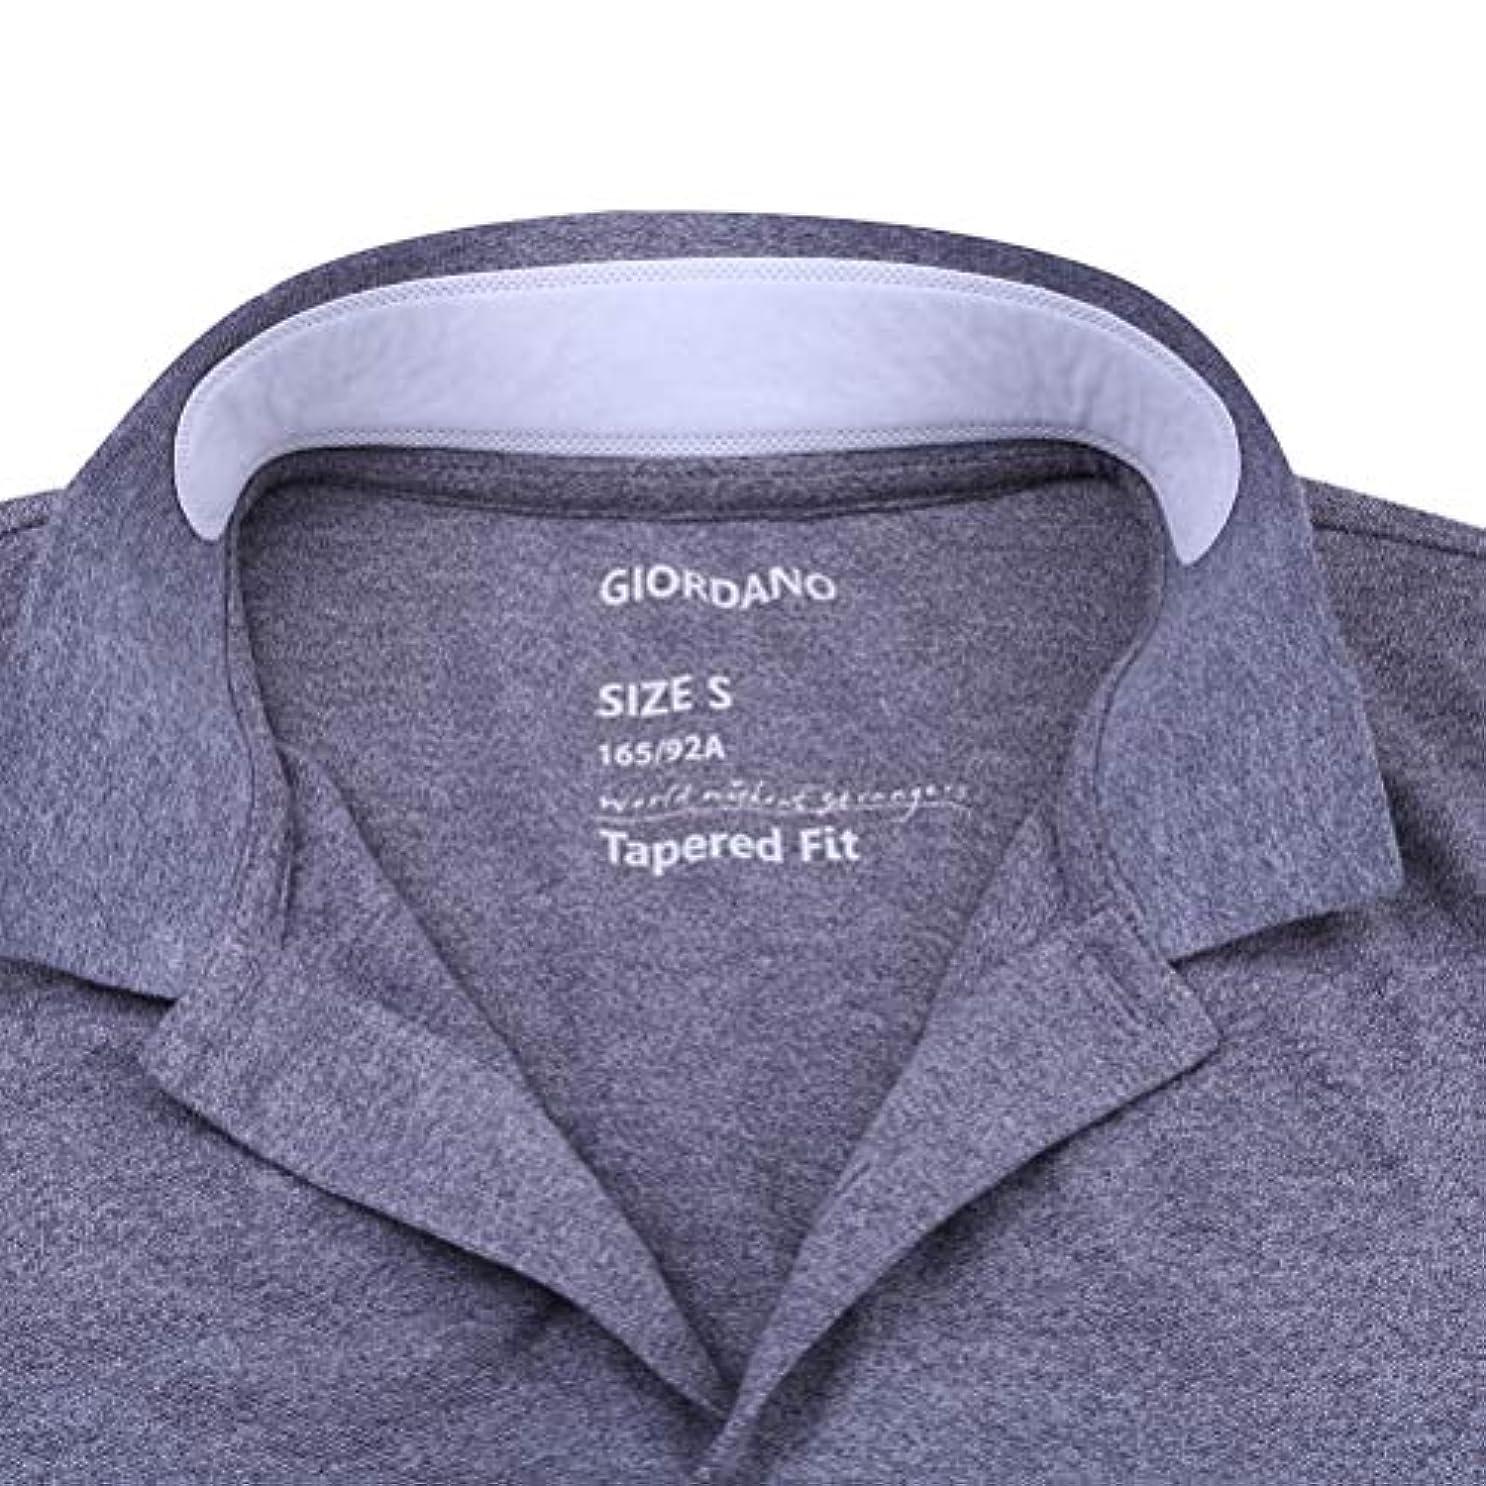 ブッシュドレス遠近法OUNONA よごれガードテープ 襟 汗取りパッド ワイシャツ 汗取りシート えり汚れ防止 100枚